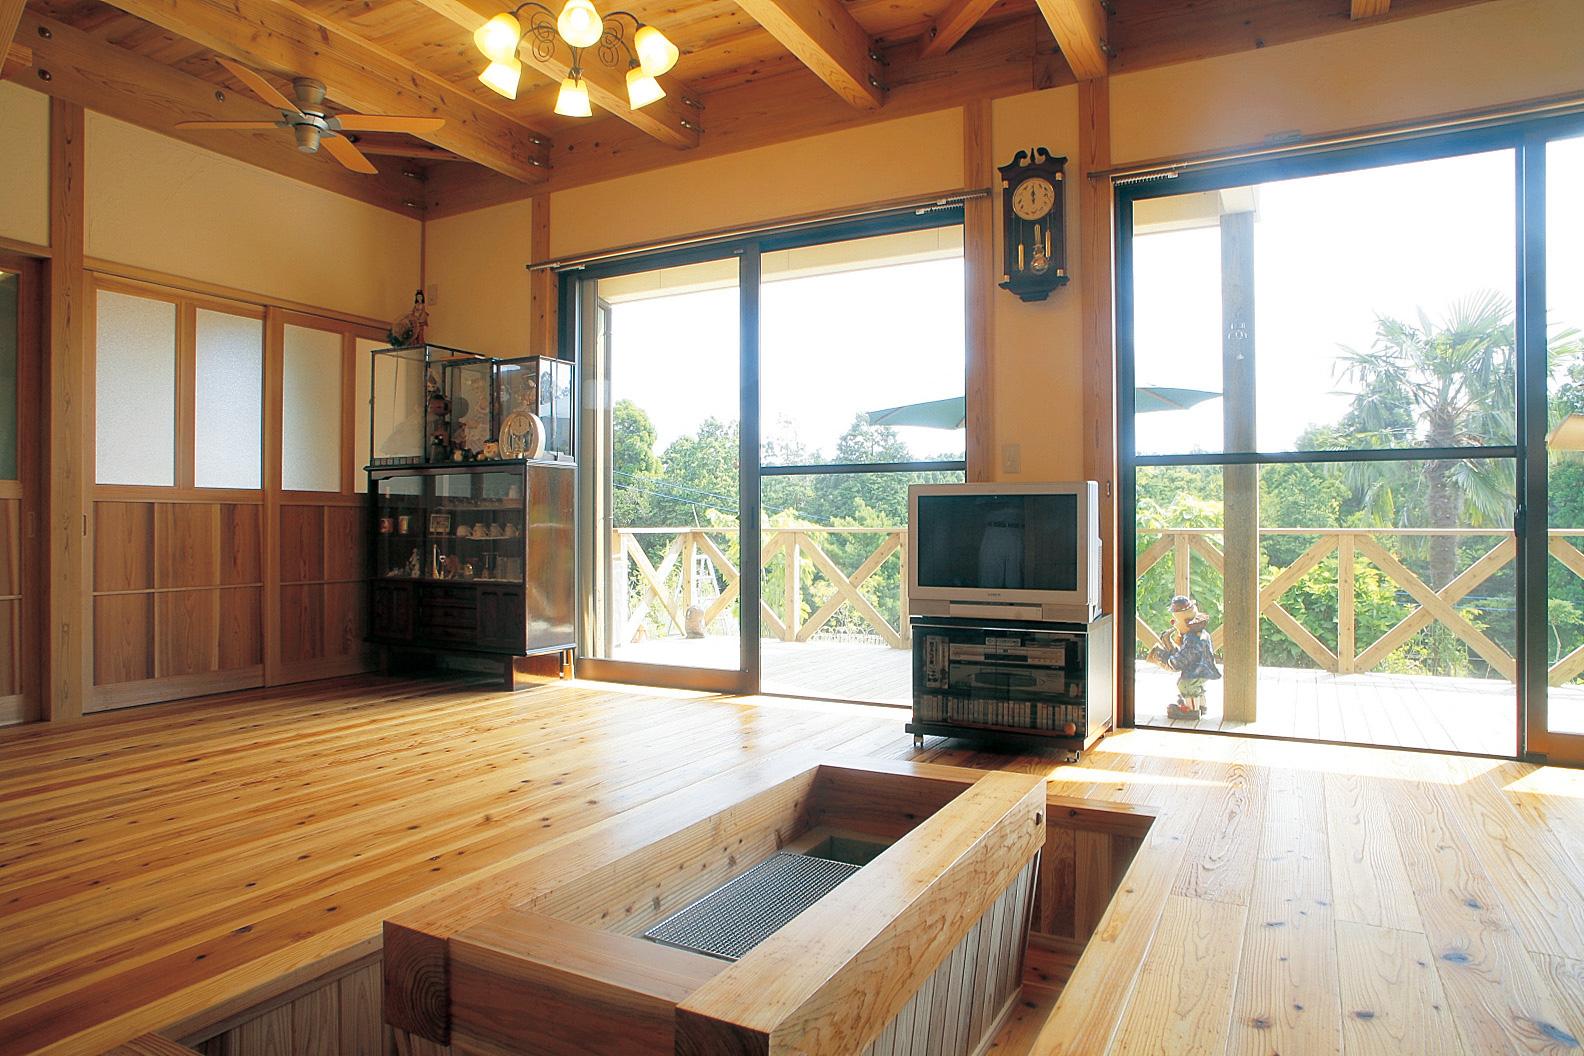 リビングでは大きな窓が明るさと開放感を演出。室内は梁や桁を見せた造りでその分天井も高く、広さを感じさせる